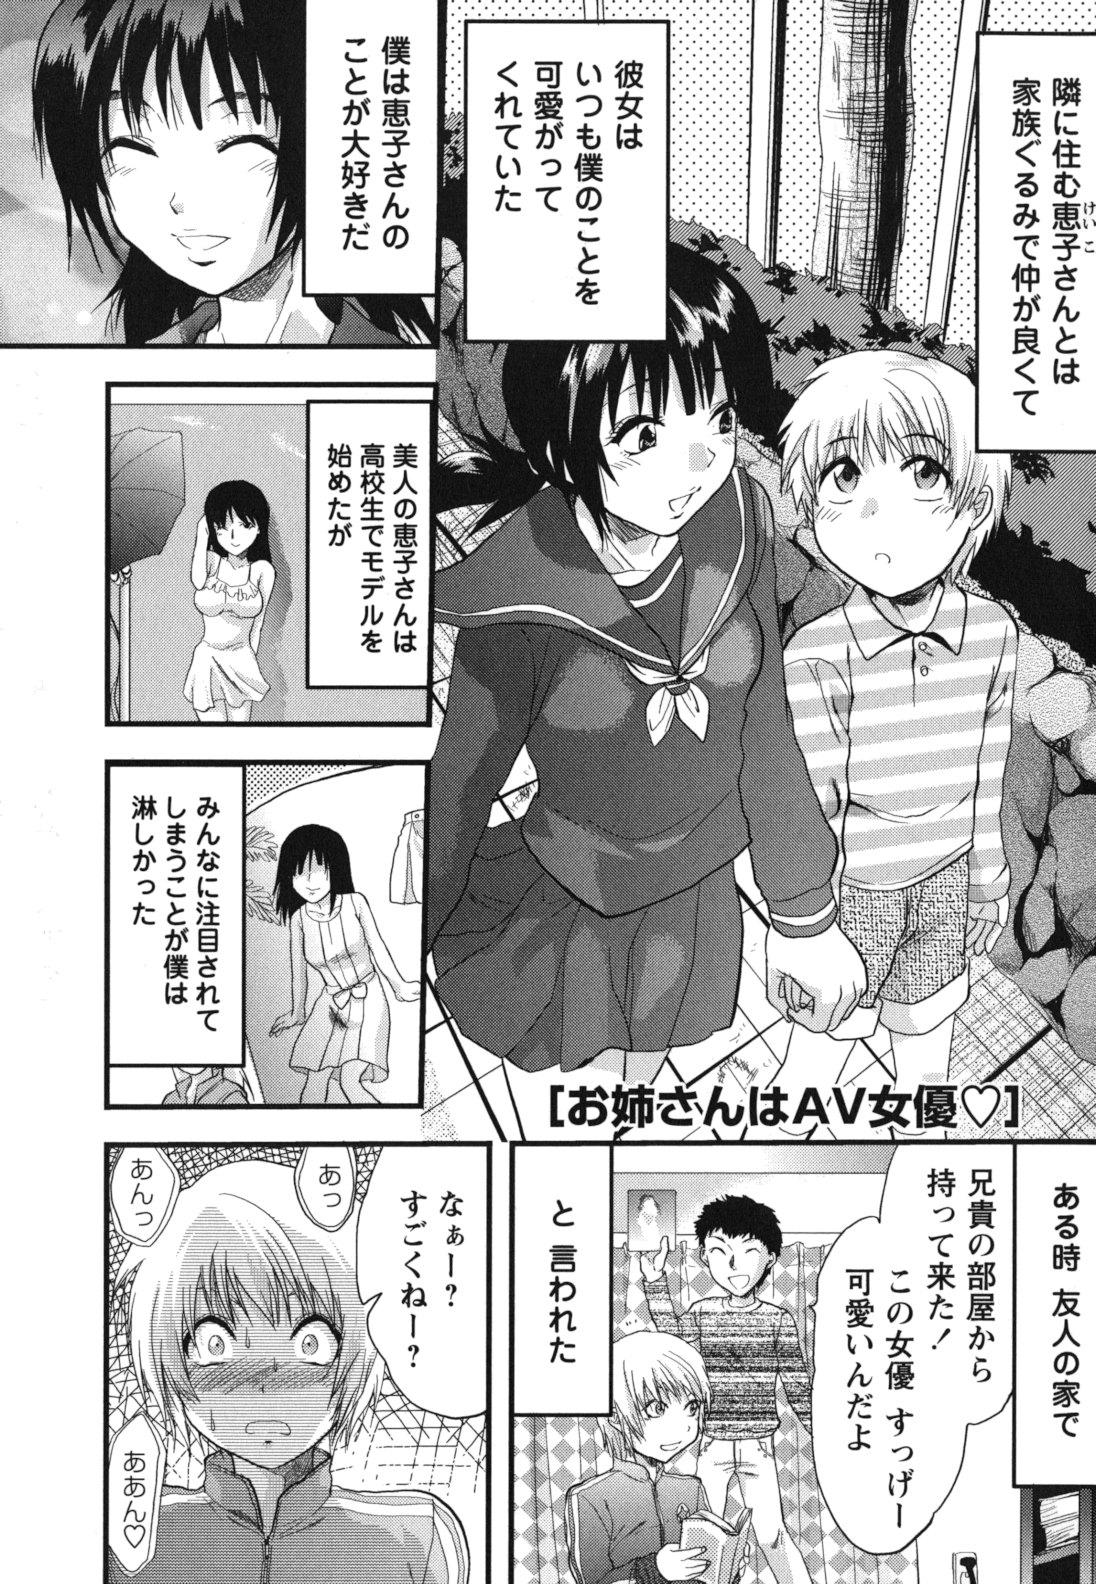 【エロ漫画】憧れていたお姉さんがAVに出演していたのを知ると脅迫しようとするも逆にエッチに攻められて童貞卒業するwww